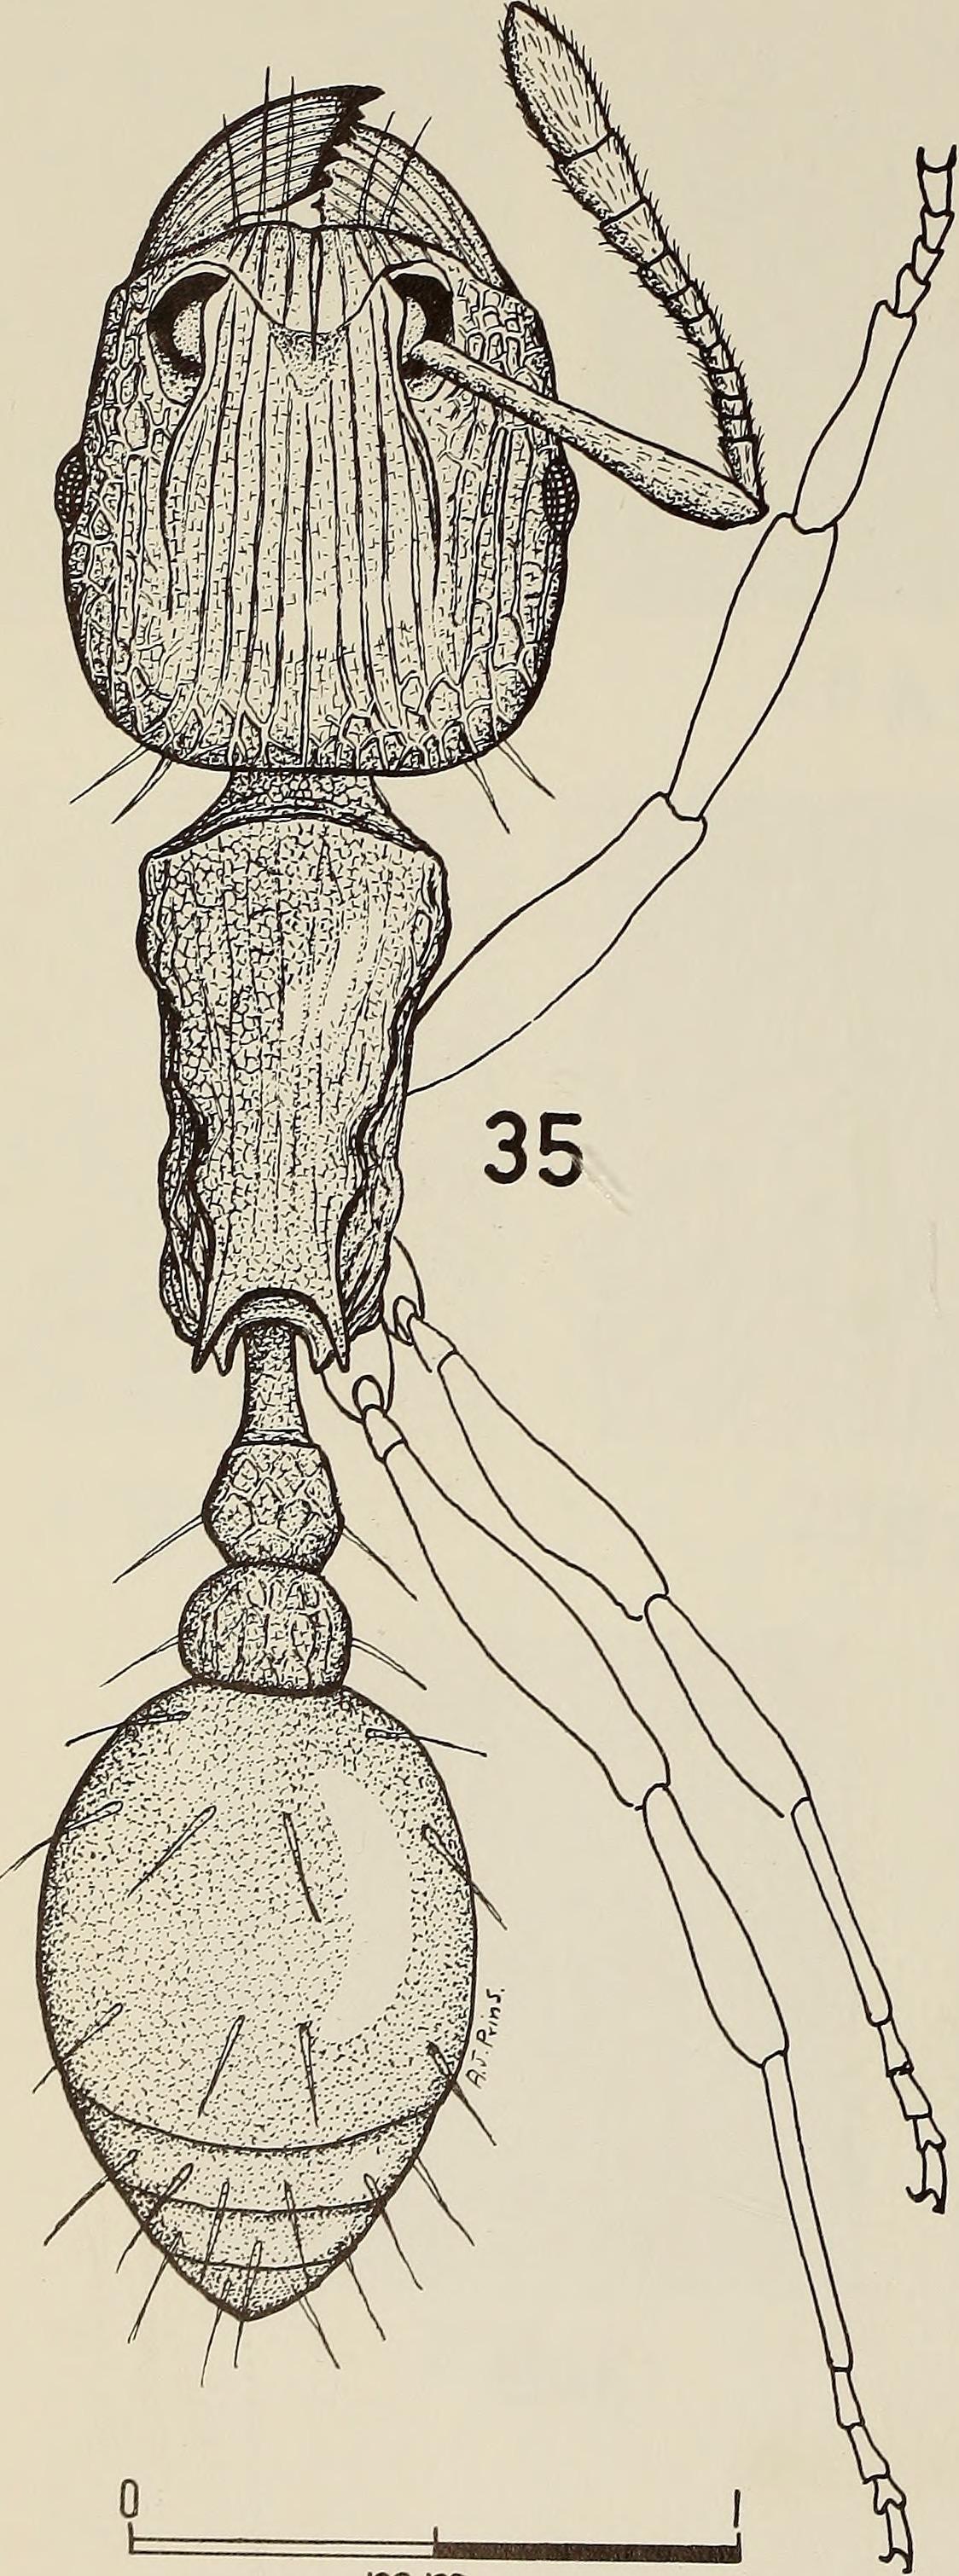 Image of Tetramorium